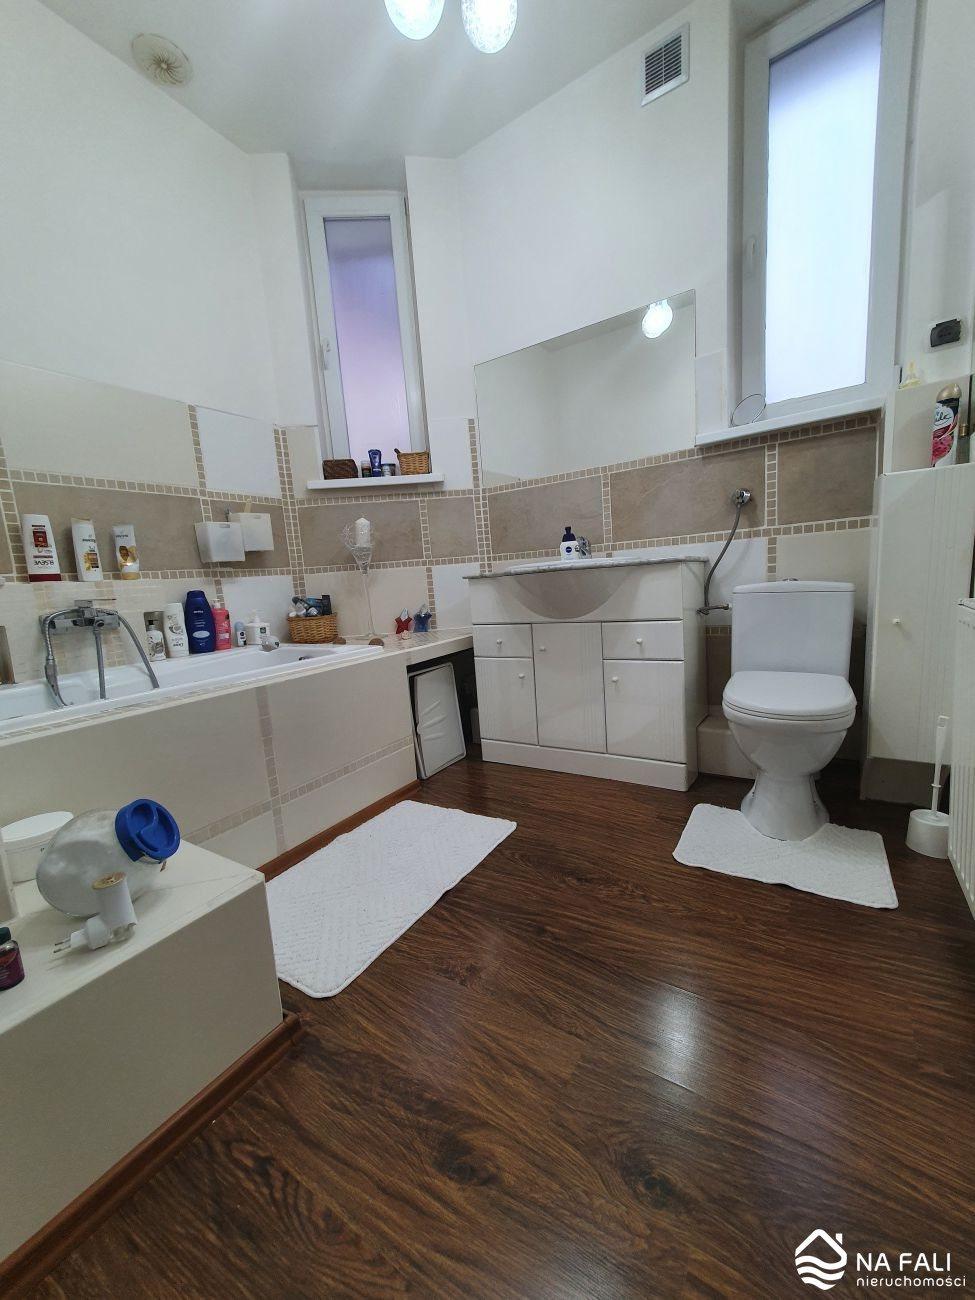 Mieszkanie dwupokojowe na sprzedaż Kołobrzg, centrum miasta  78m2 Foto 8